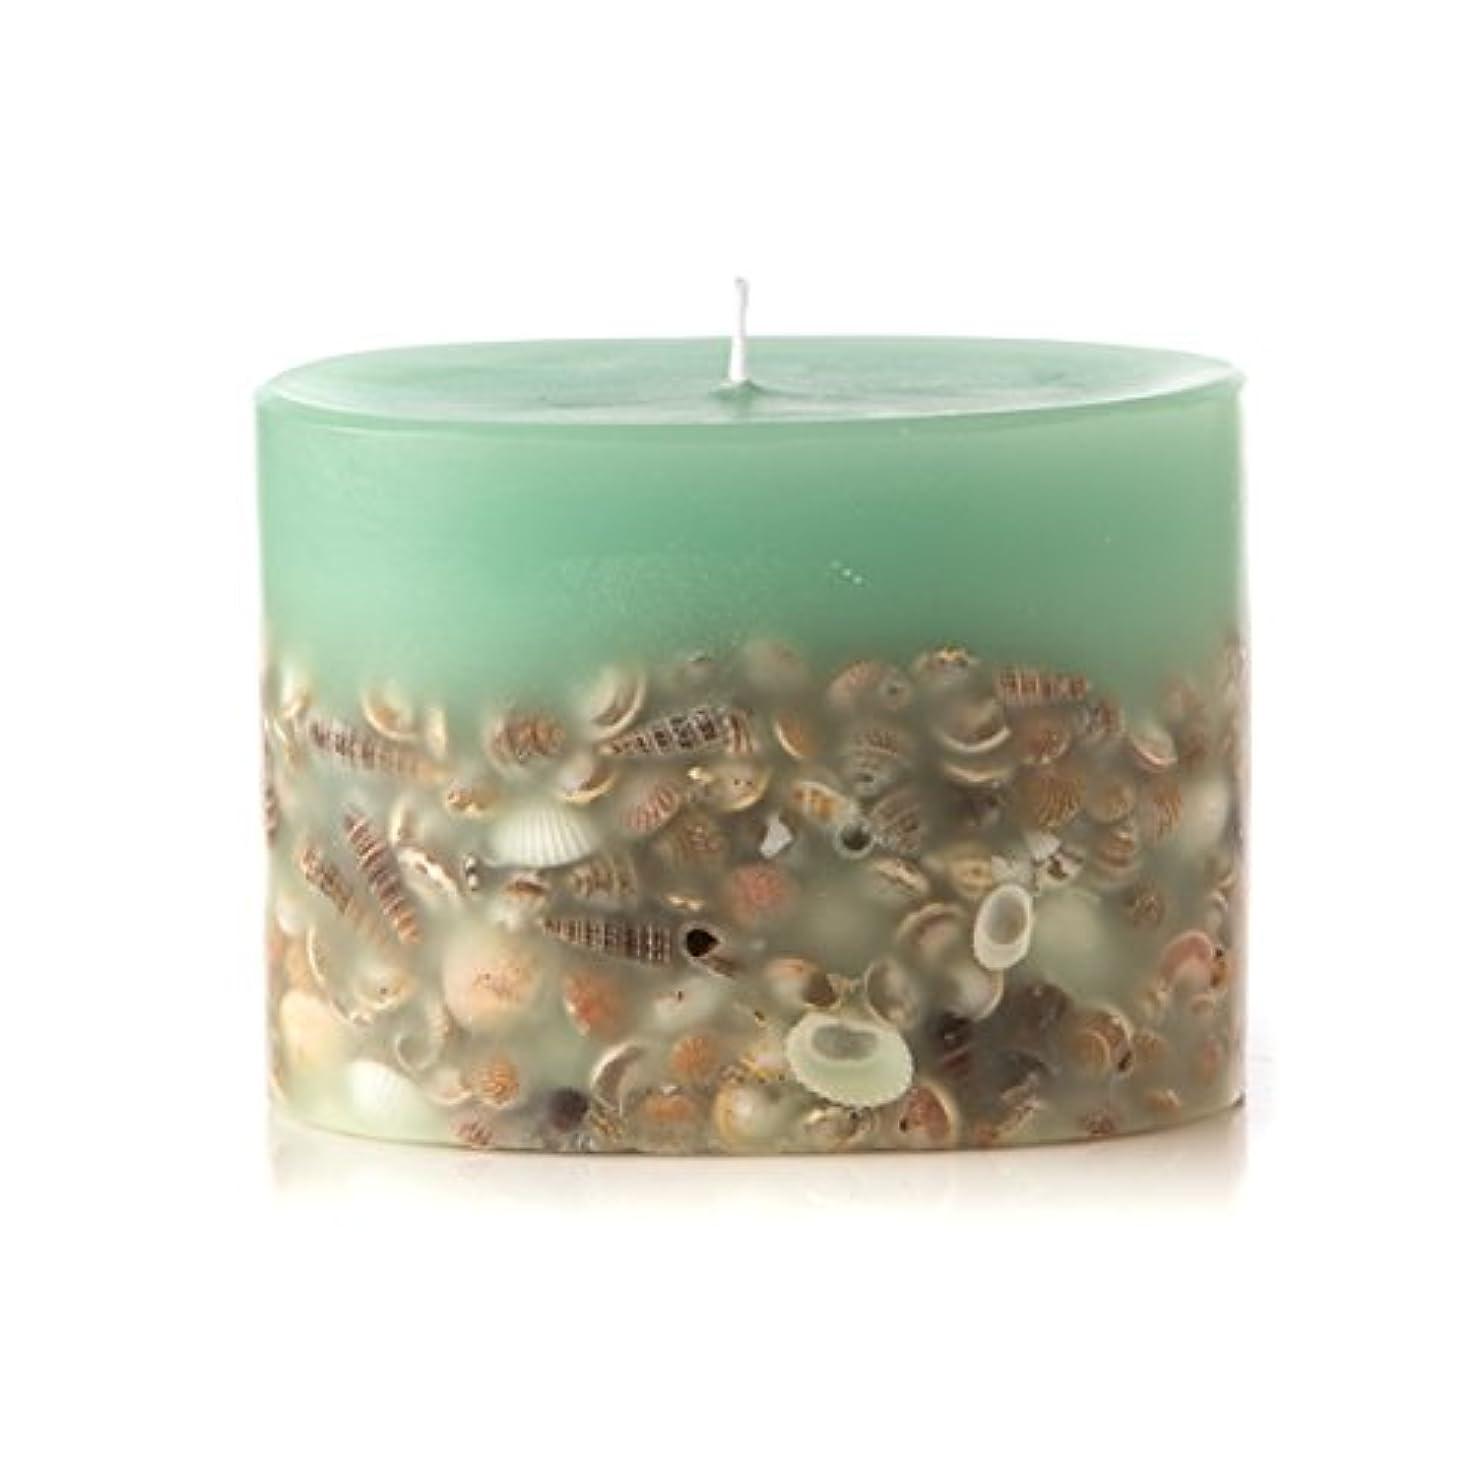 効率的一節突き刺すロージーリングス プティボタニカルキャンドル シーグラス ROSY RINGS Petite Oval Botanical Candle Sea Glass